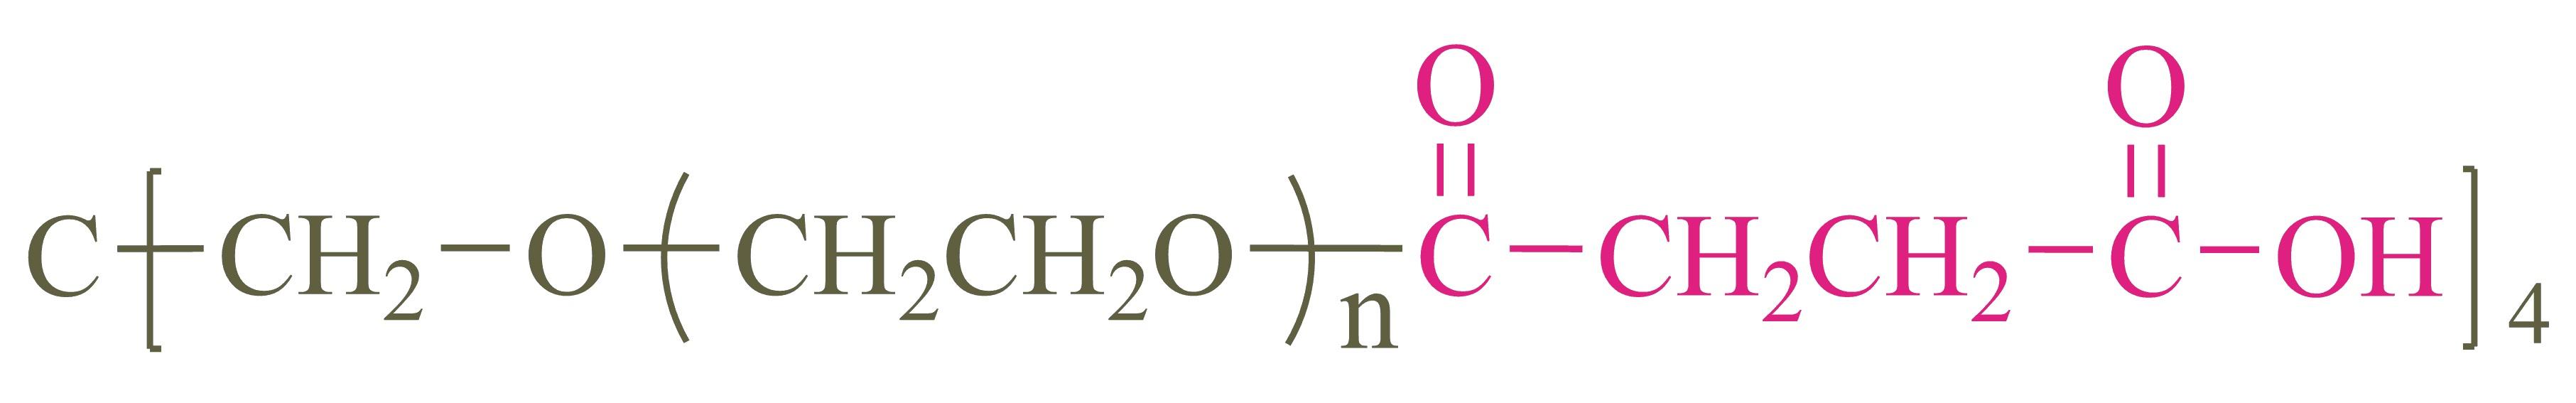 四臂聚乙二醇琥珀酸(酯键)(4-arm PEG-SA);4-arm Poly(ethylene glycol) succinate acid